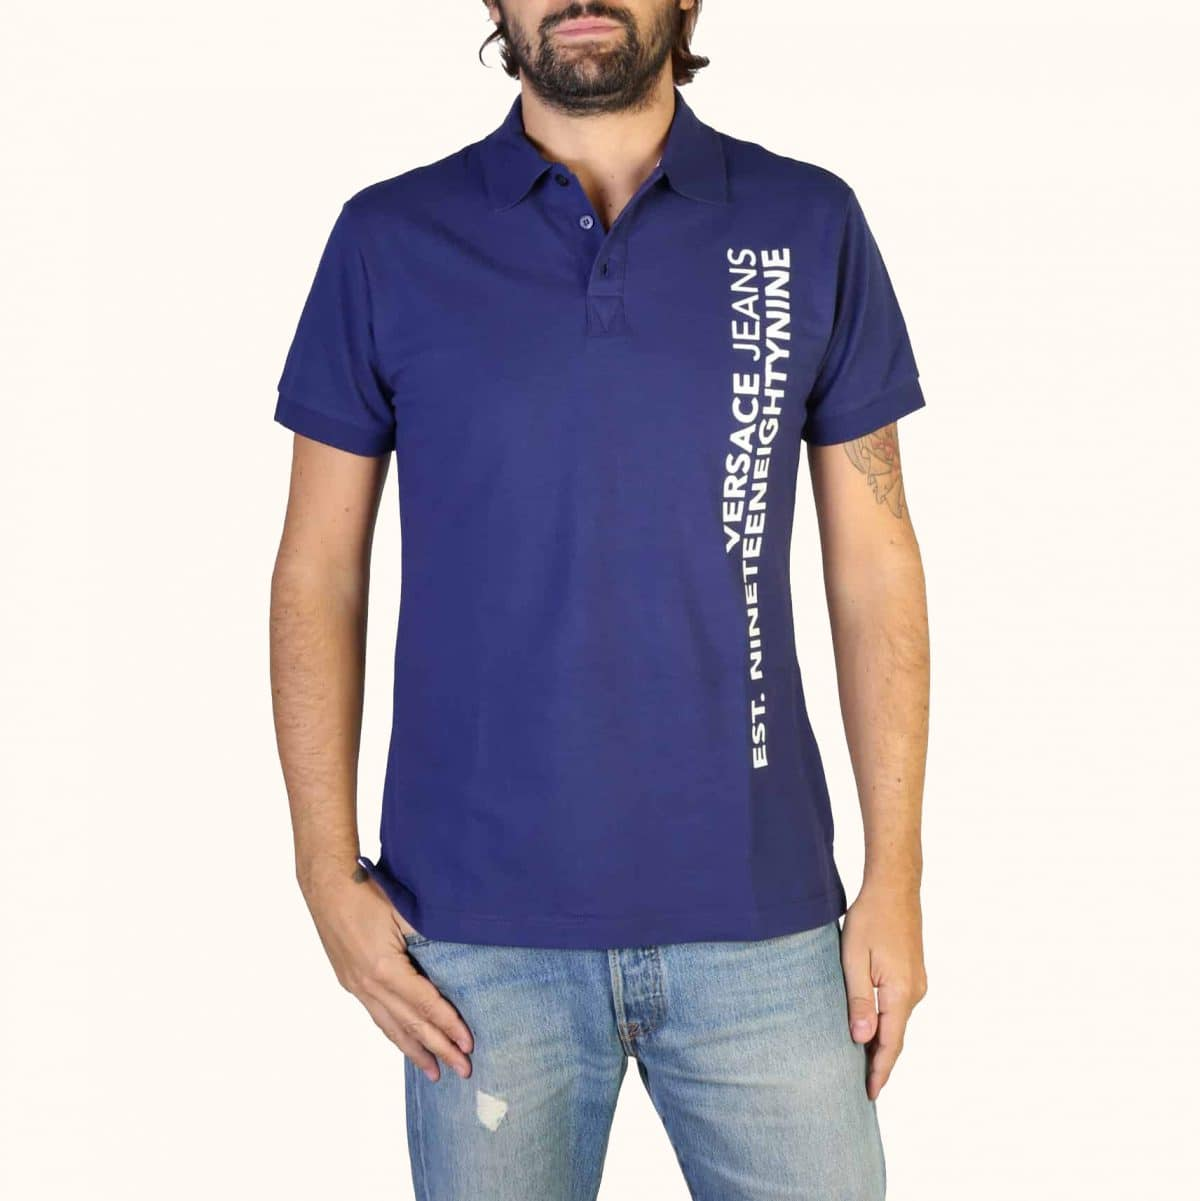 Versace Jeans – B3GTB7P6_36571 – Blu AzzurraMI mare intimo costumi da spiaggia bagno Jesolo lido vendita offerta sconti promozione shop online webshop